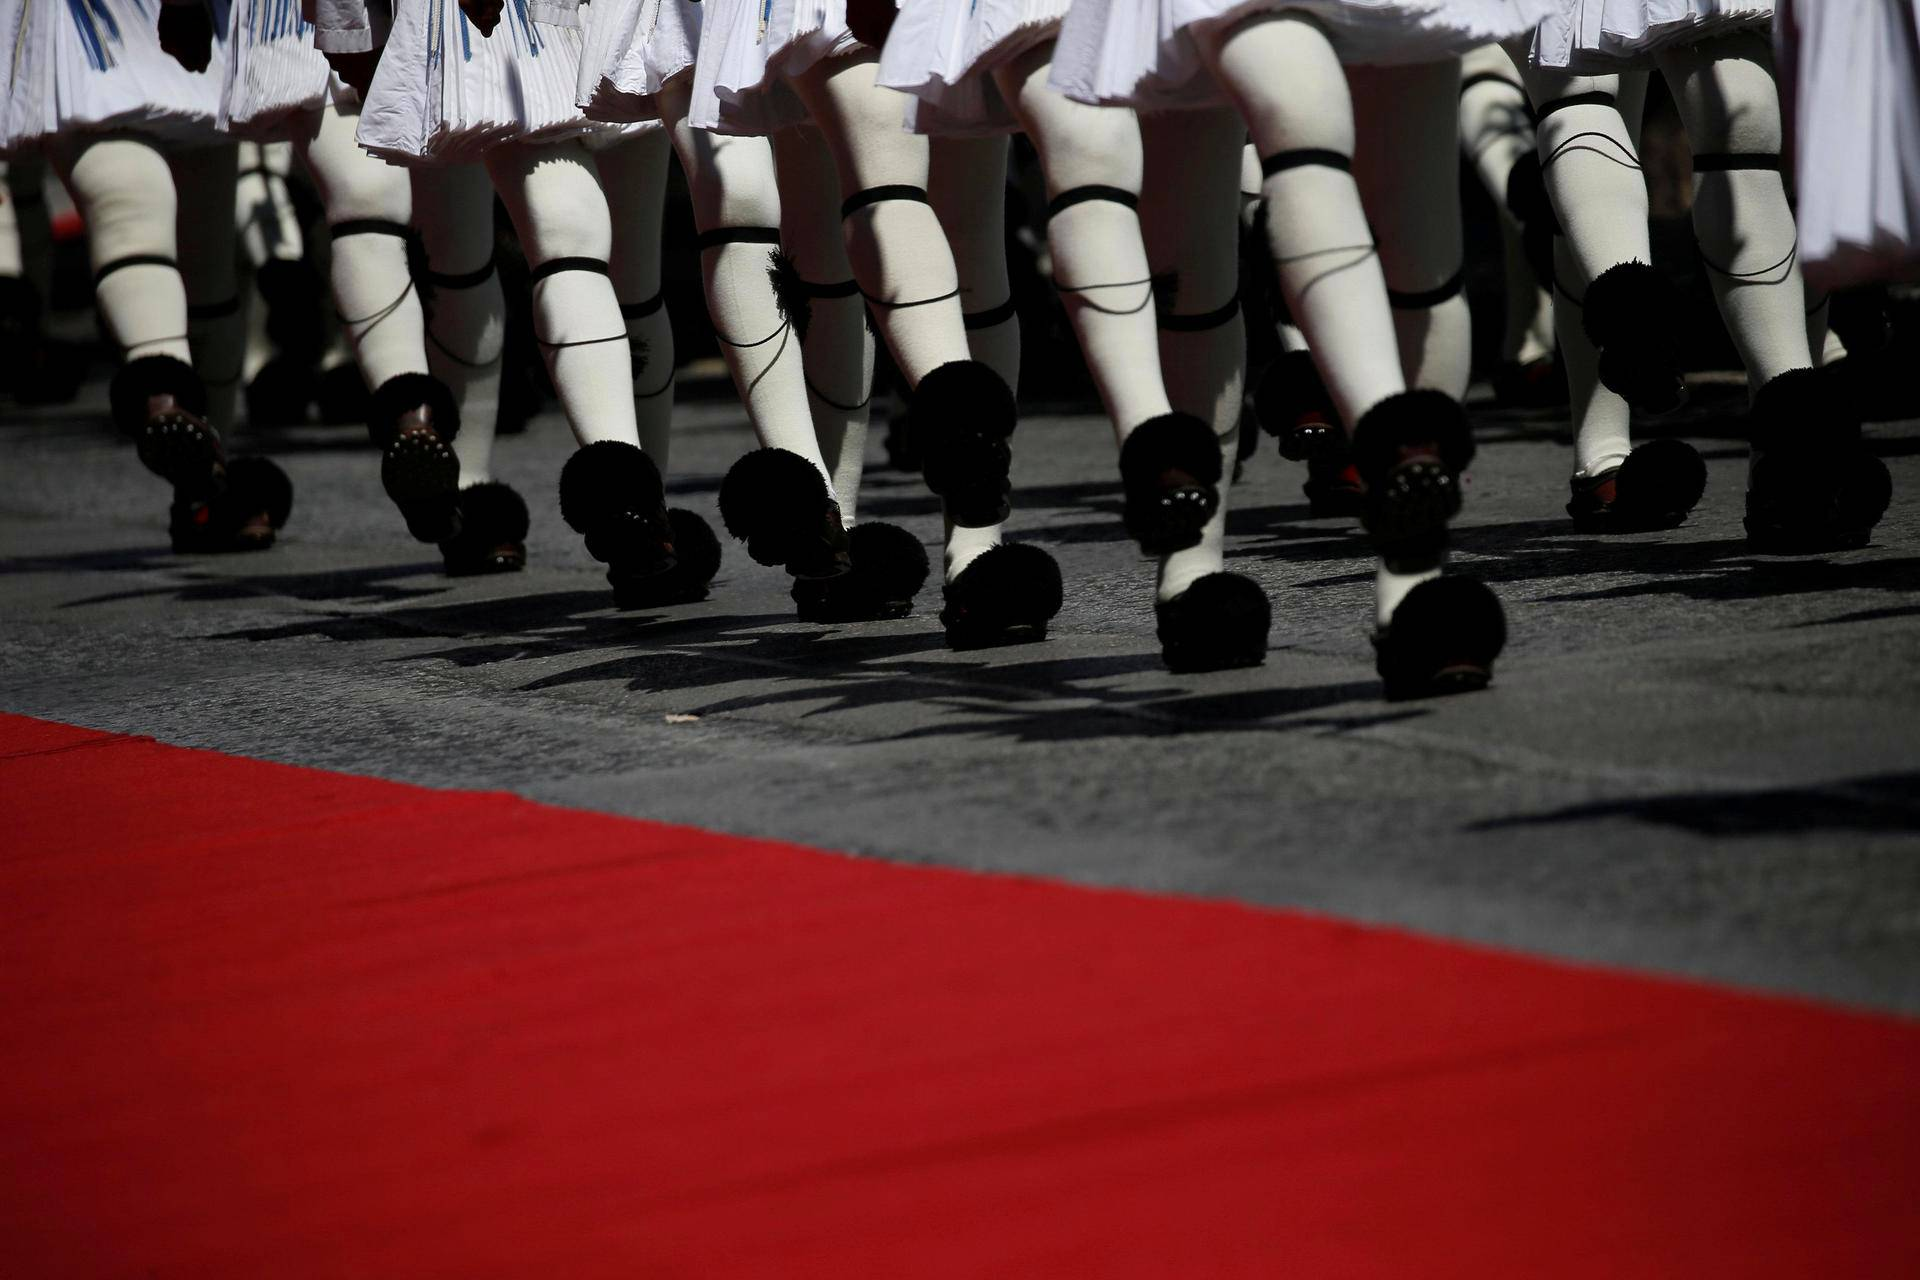 Kreikan presidentin kaarti marssii näyttävästi torstaina Ateenassa, kun kaupungissa järjestettiin tervetuliaisparaati Ranskan presidentti Emmanuel Macronin kunniaksi.